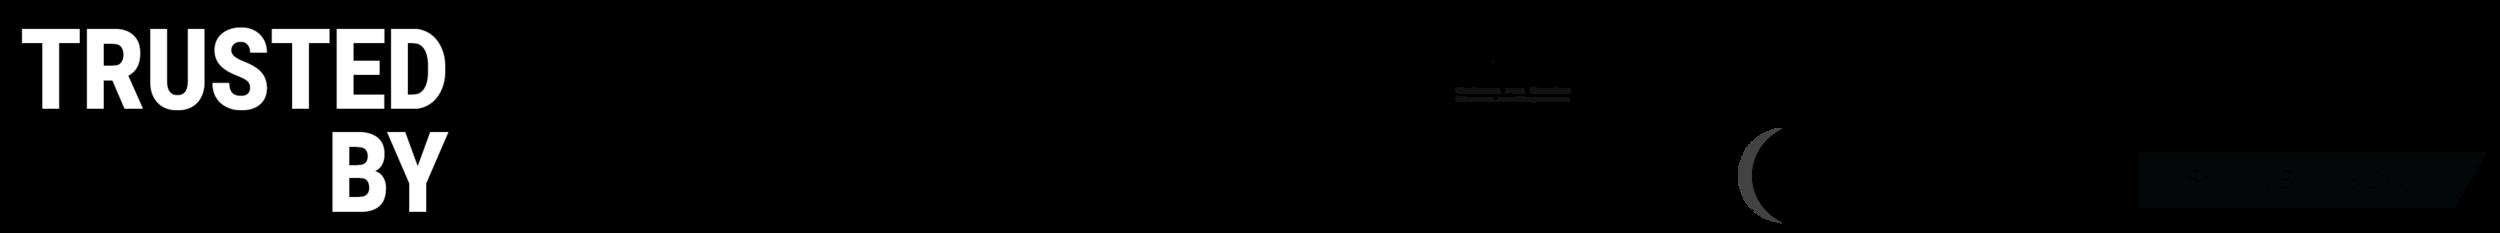 website logo images-02-02.png